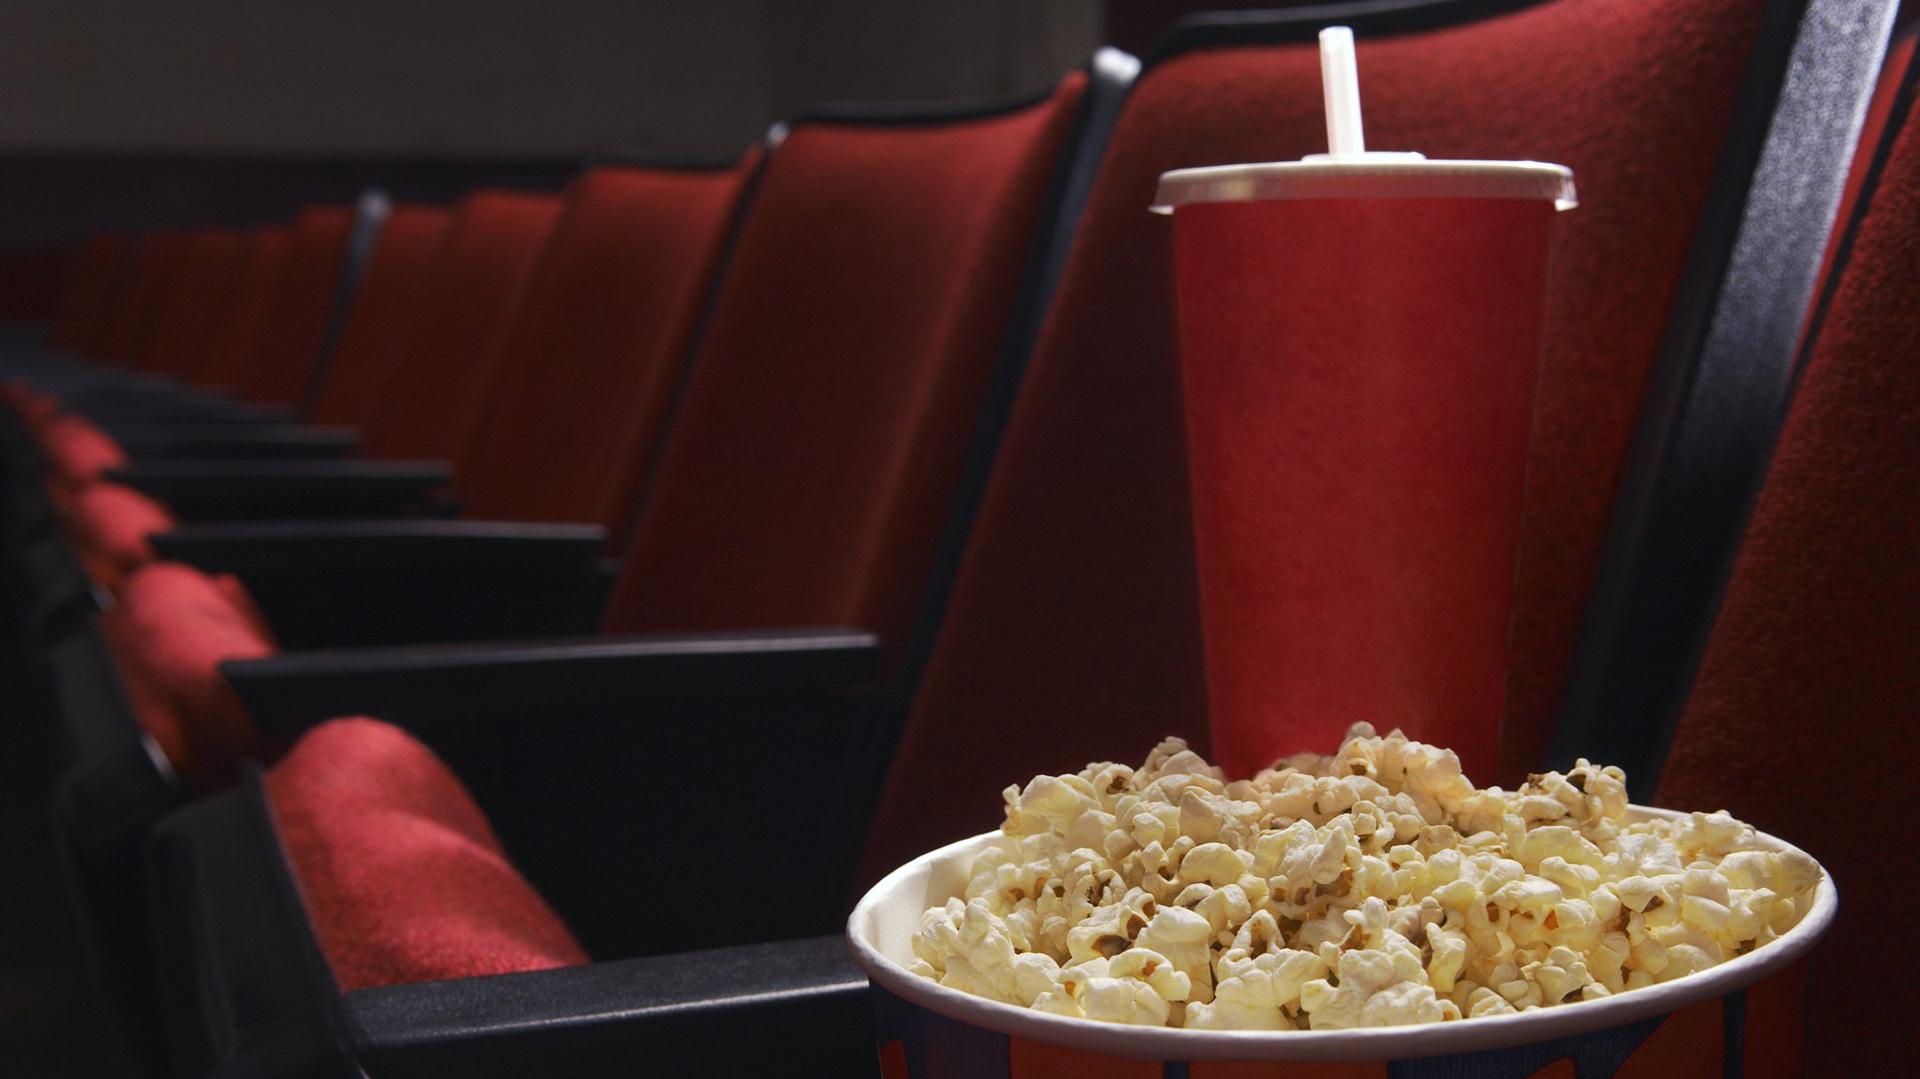 Reabren cines y teatros en todo el país con protocolos y aforos reducidos